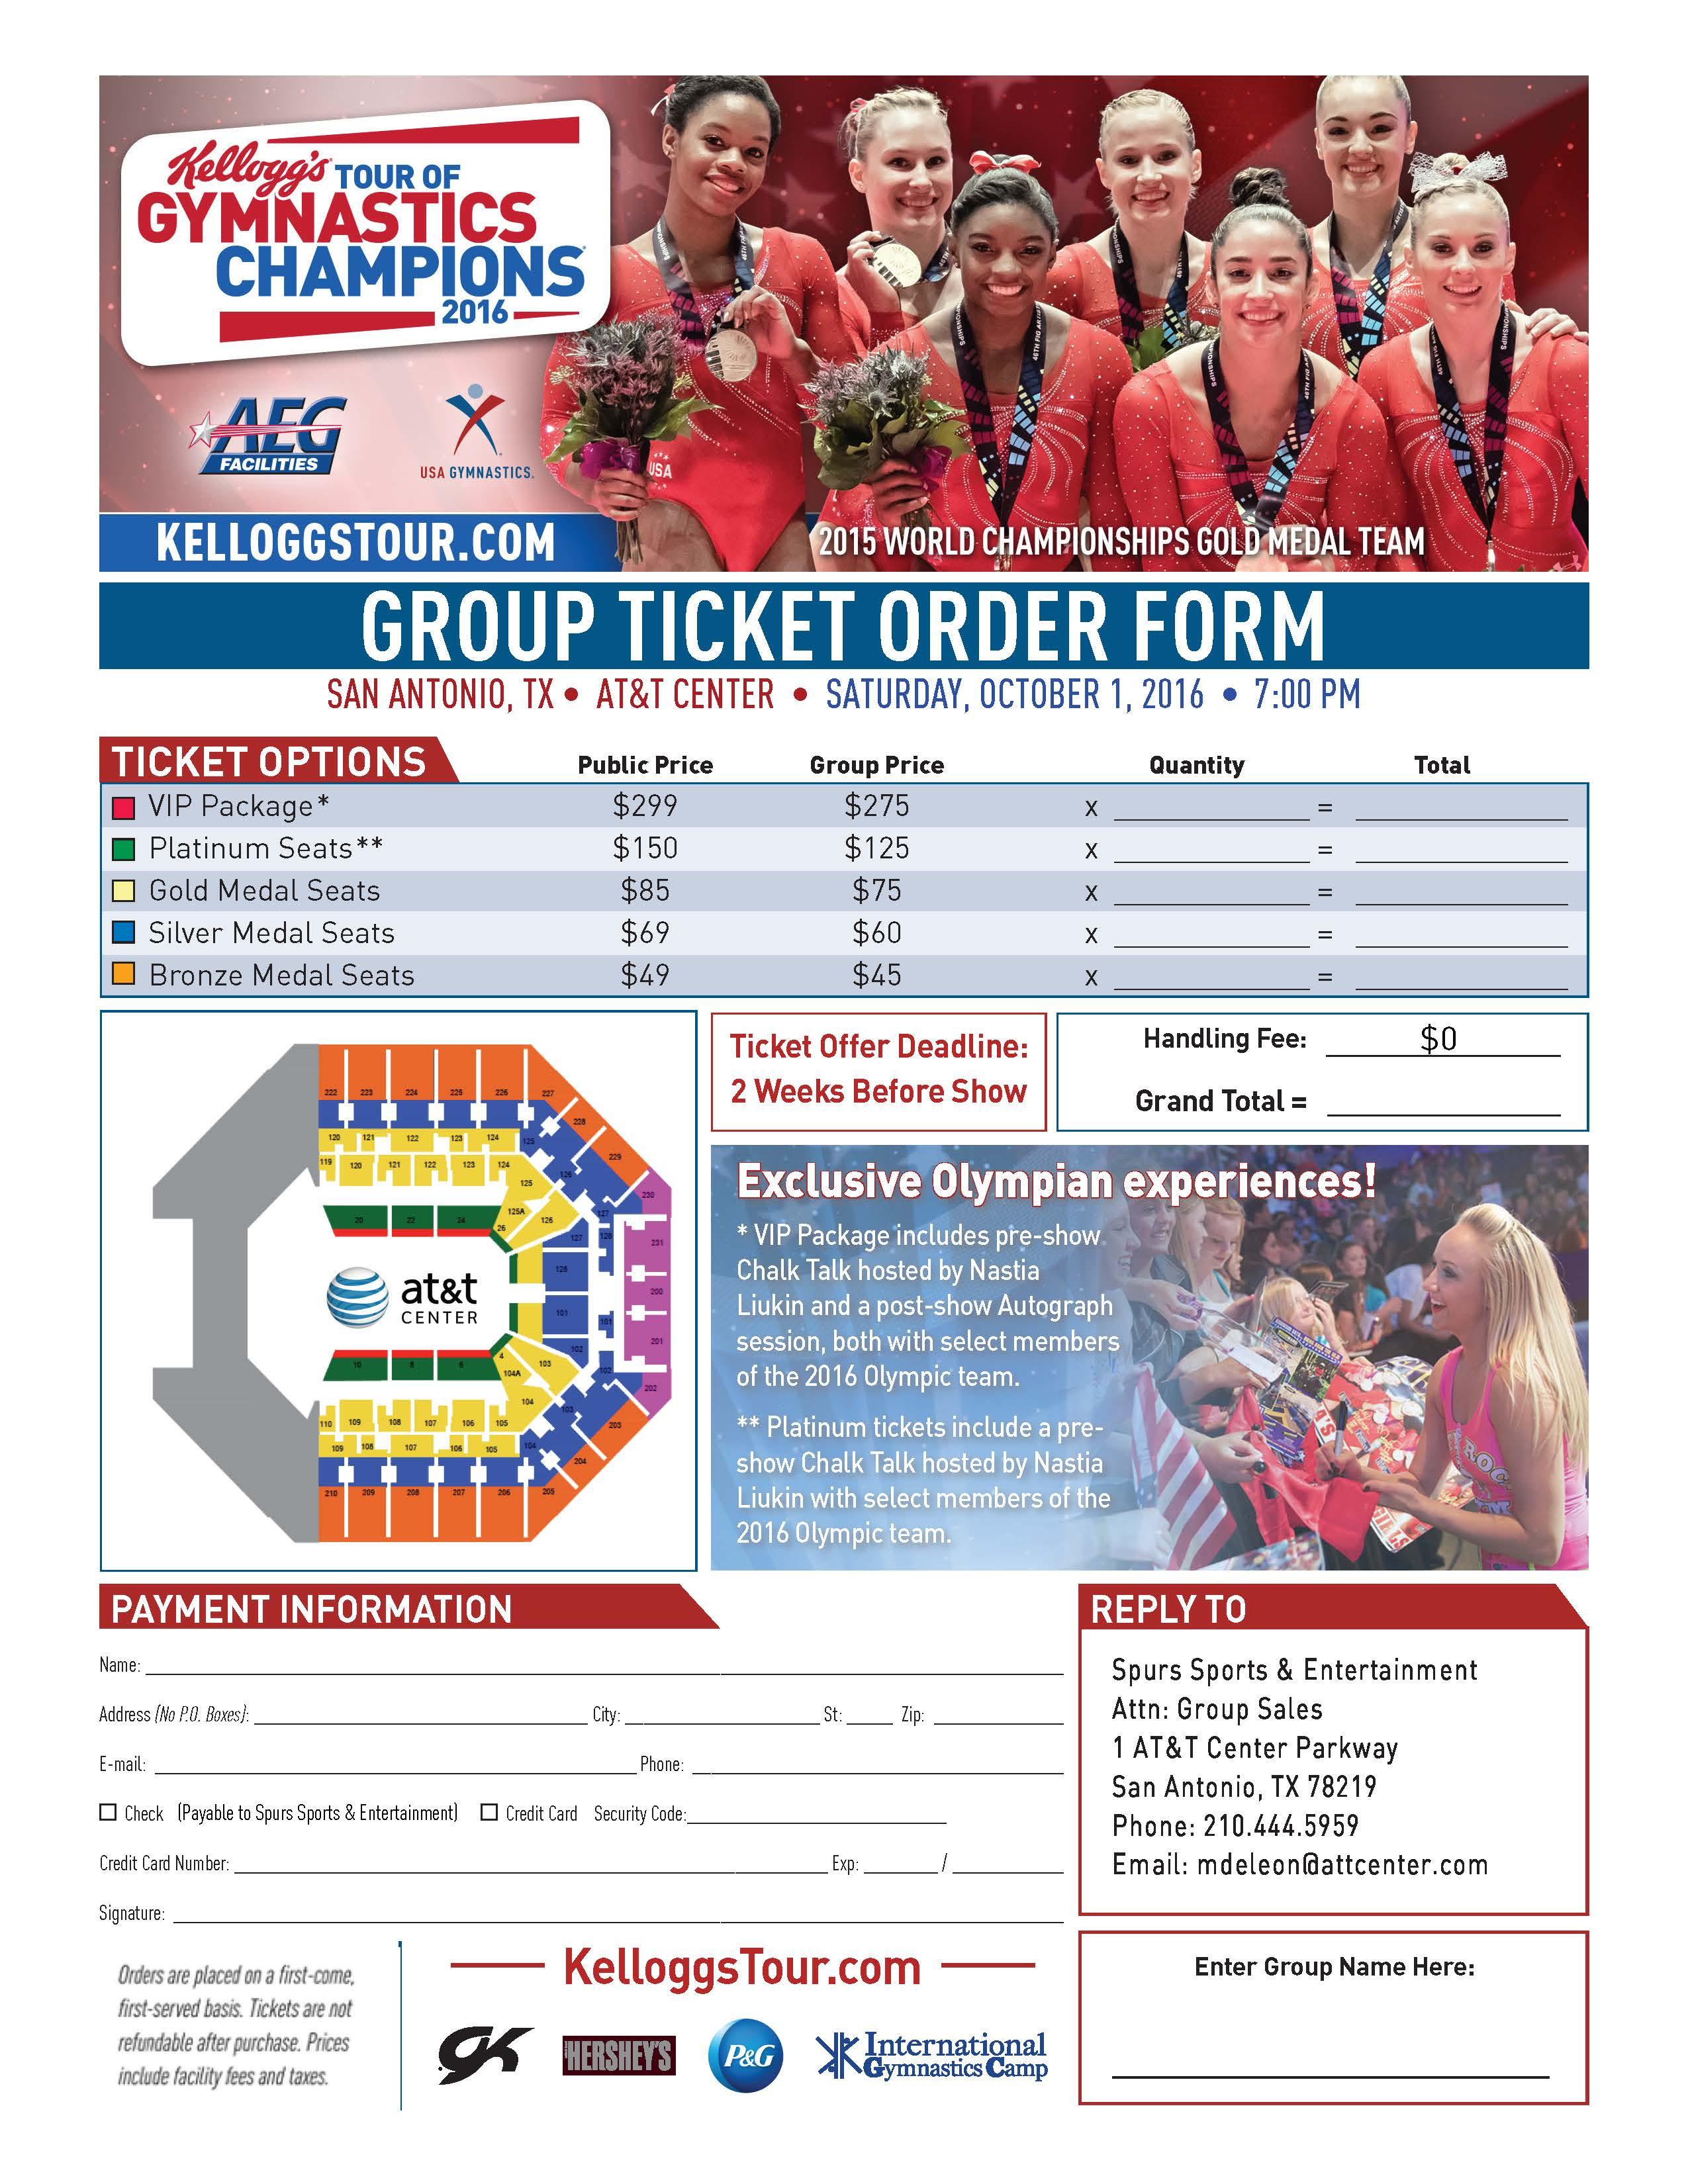 General Group Order Form-San Antonio.jpg